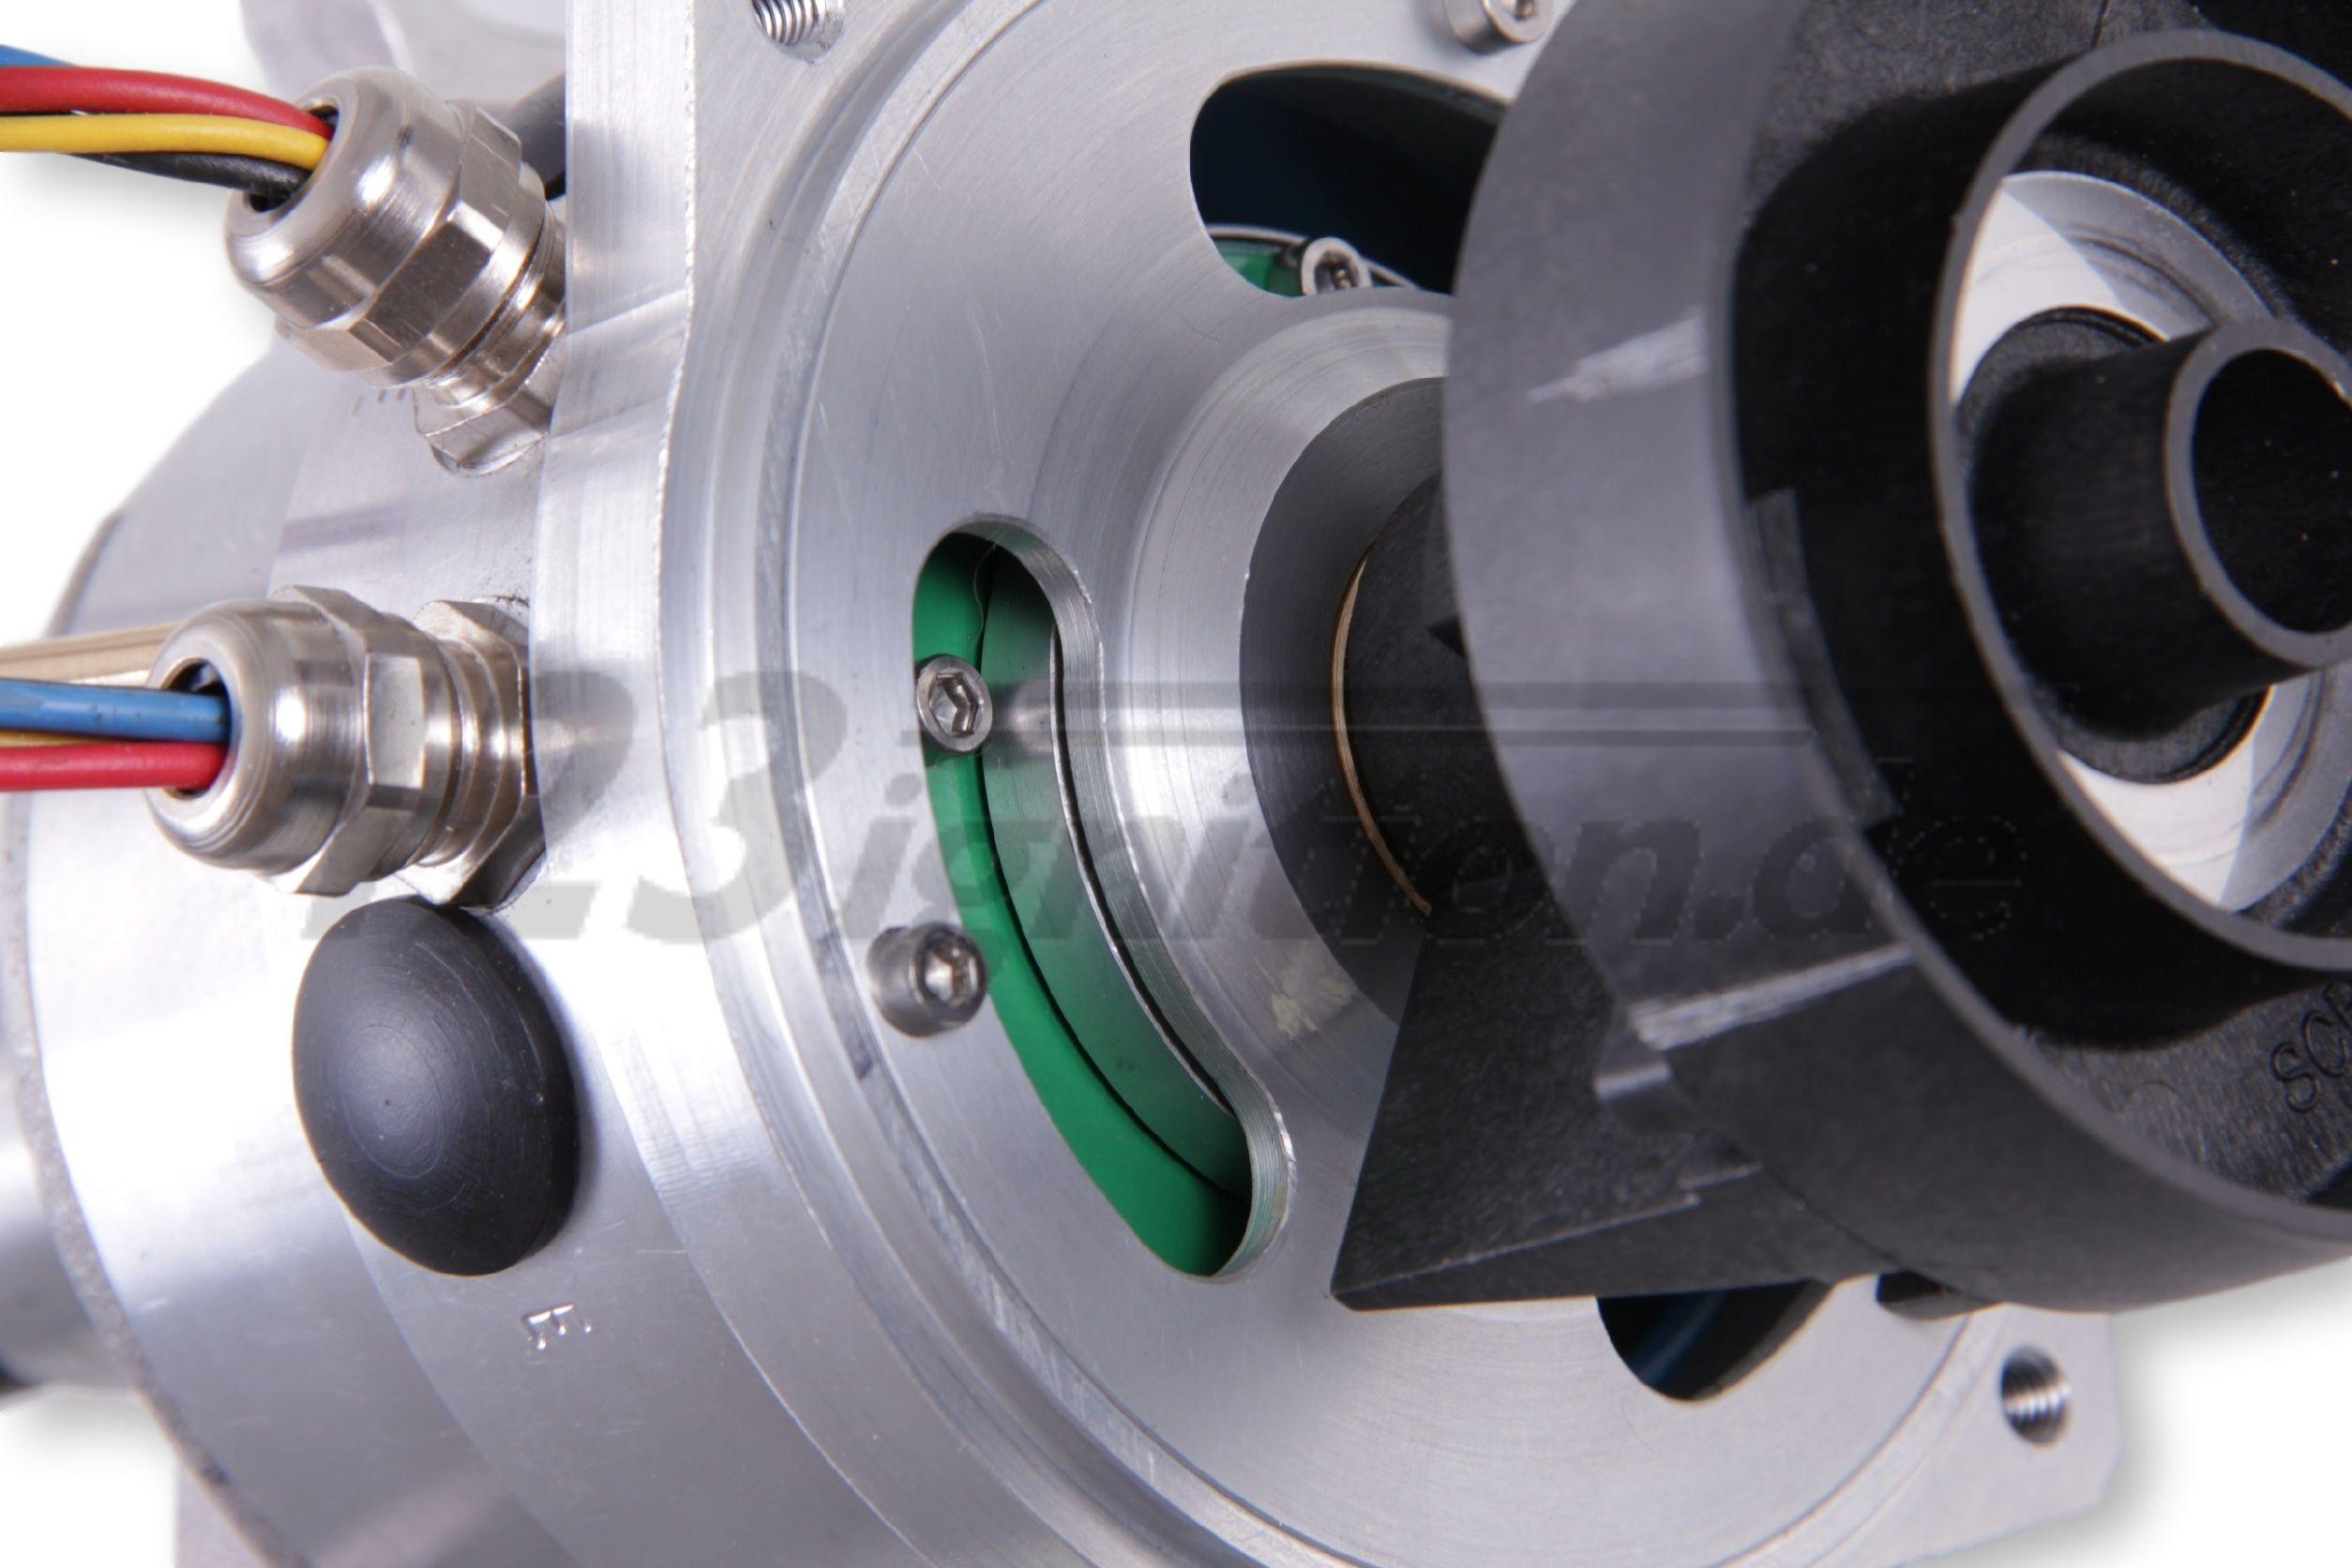 123\TUNE USB nelinpeli sytytysjakelija varten Toyota Corolla Celica Carina MR2 4A-GE moottori kuva 3